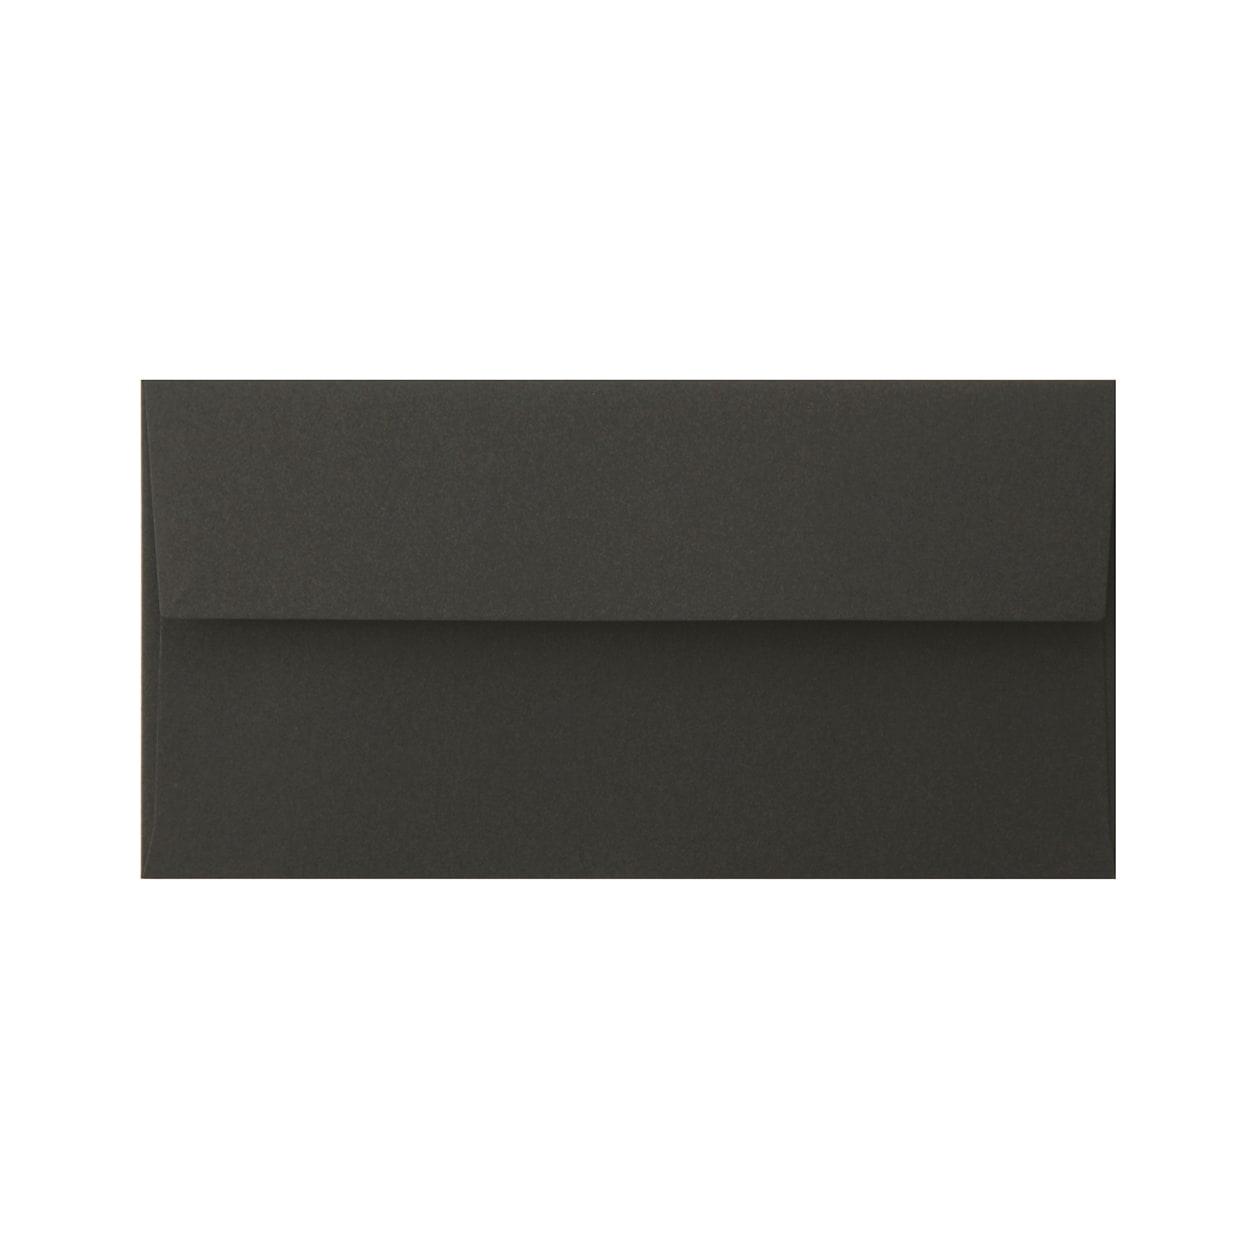 洋6カマス封筒 コットン(NTラシャ) 黒 116.3g